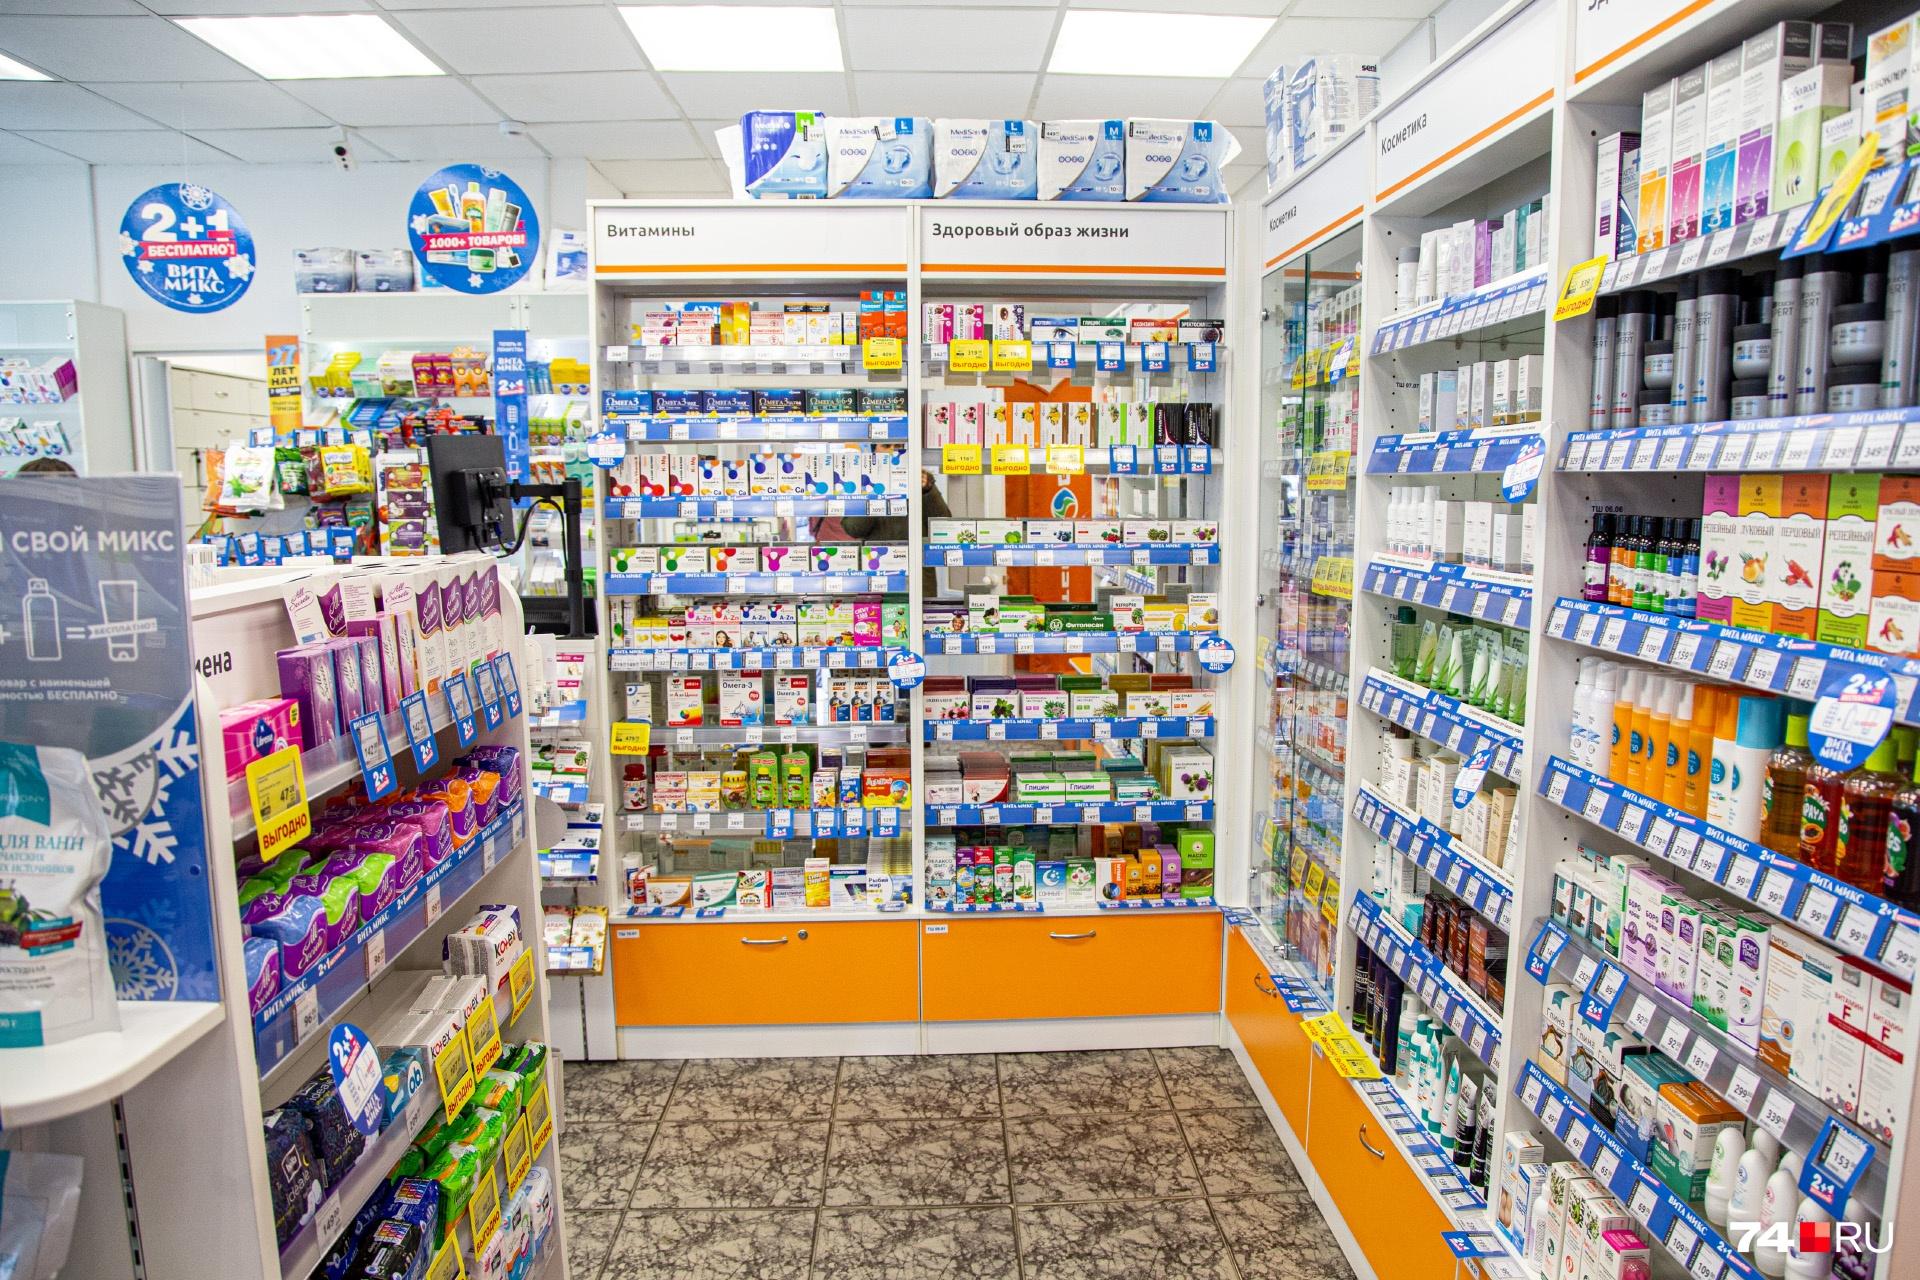 Витамины, обезболивающие и жаропонижающее в продаже есть, а вот маски исчезли бесследно